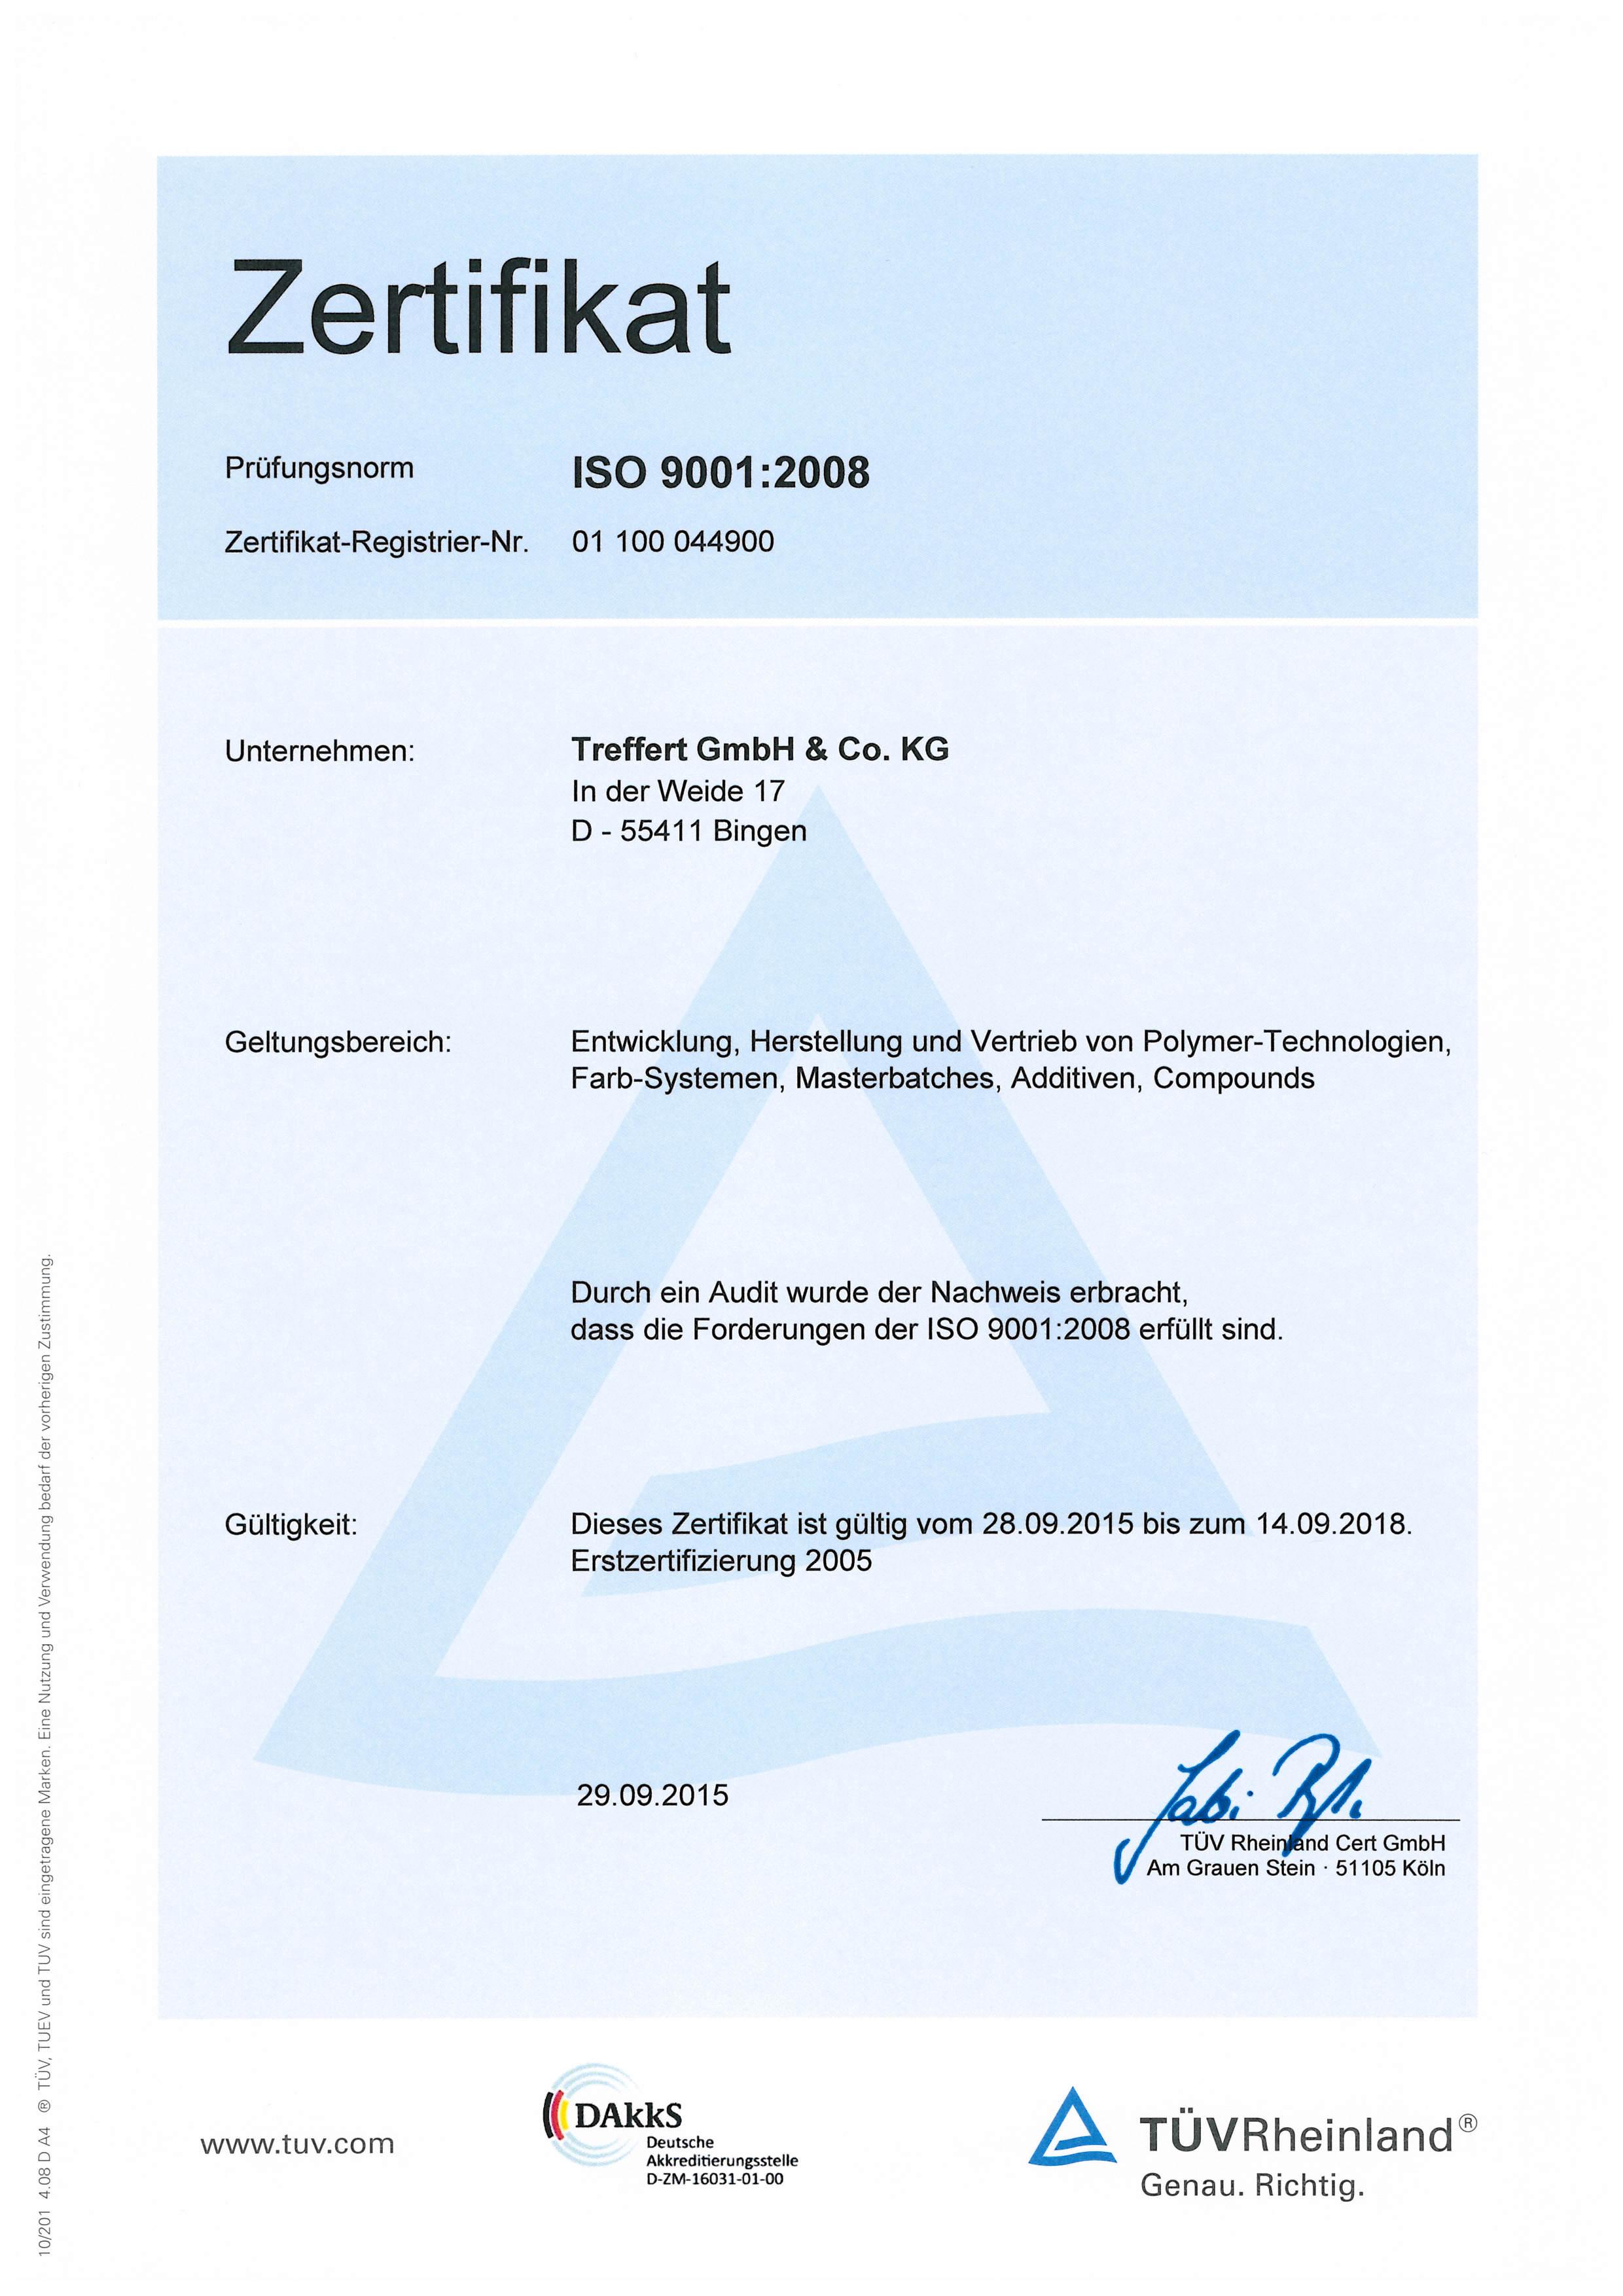 Treffert Zertifikat DIN EN ISO 9001